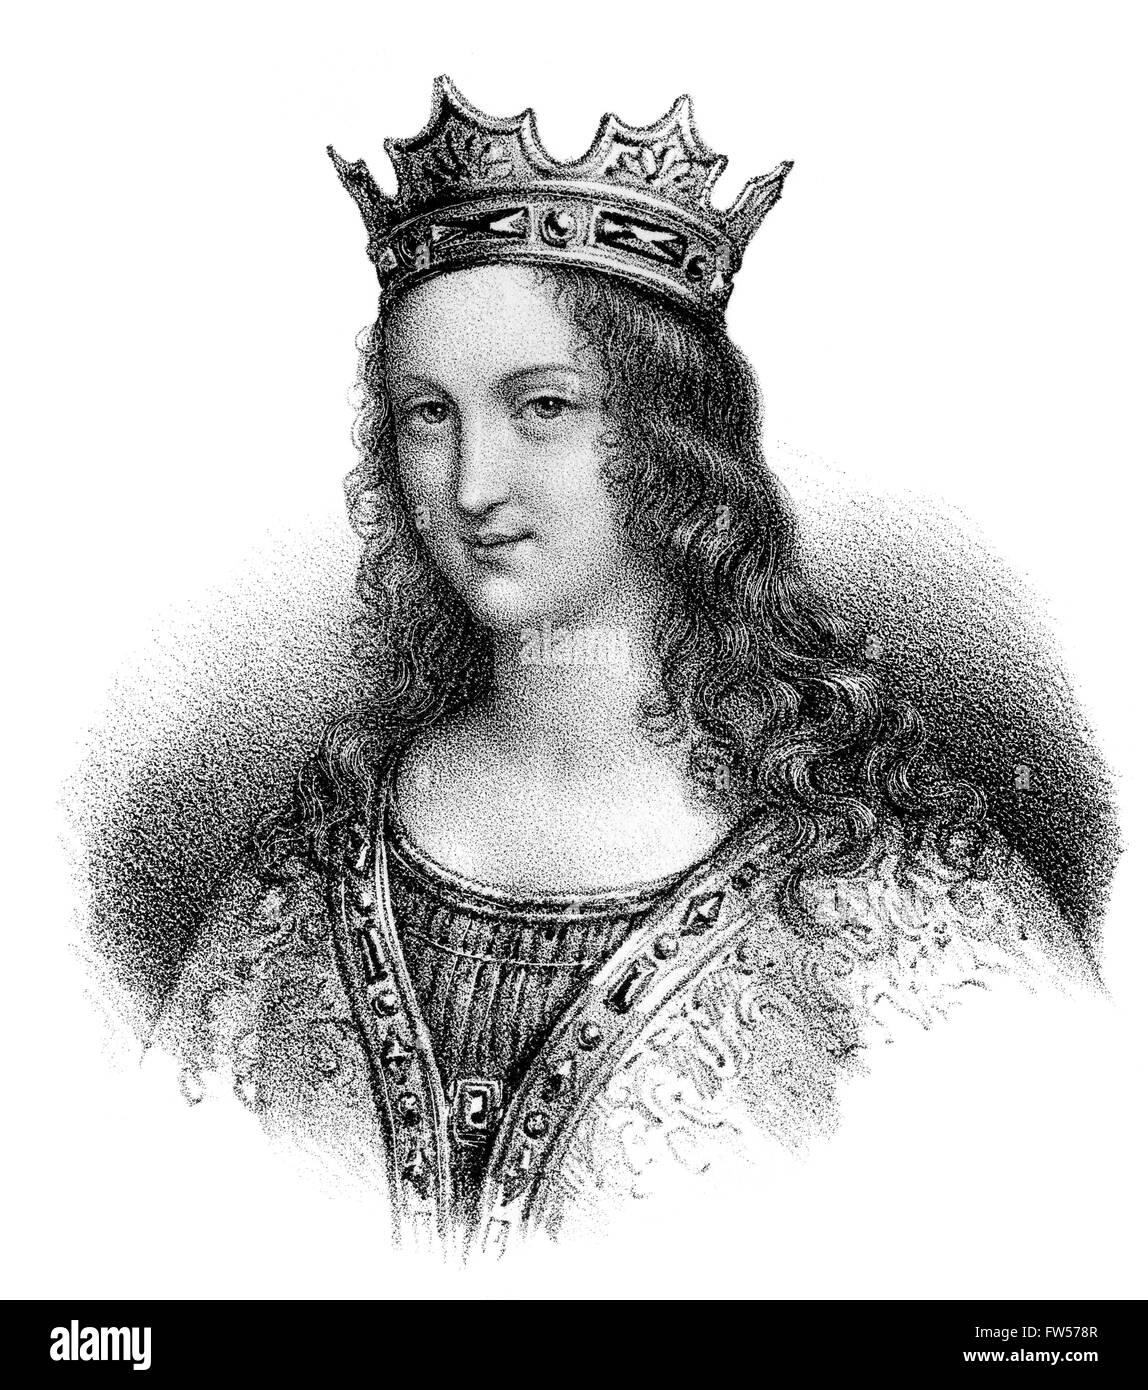 De l'Anjou, Adelaide-Blanche c. 940-1026, épouse de Louis V, appelé le paresseux; c. 966/67 Photo Stock